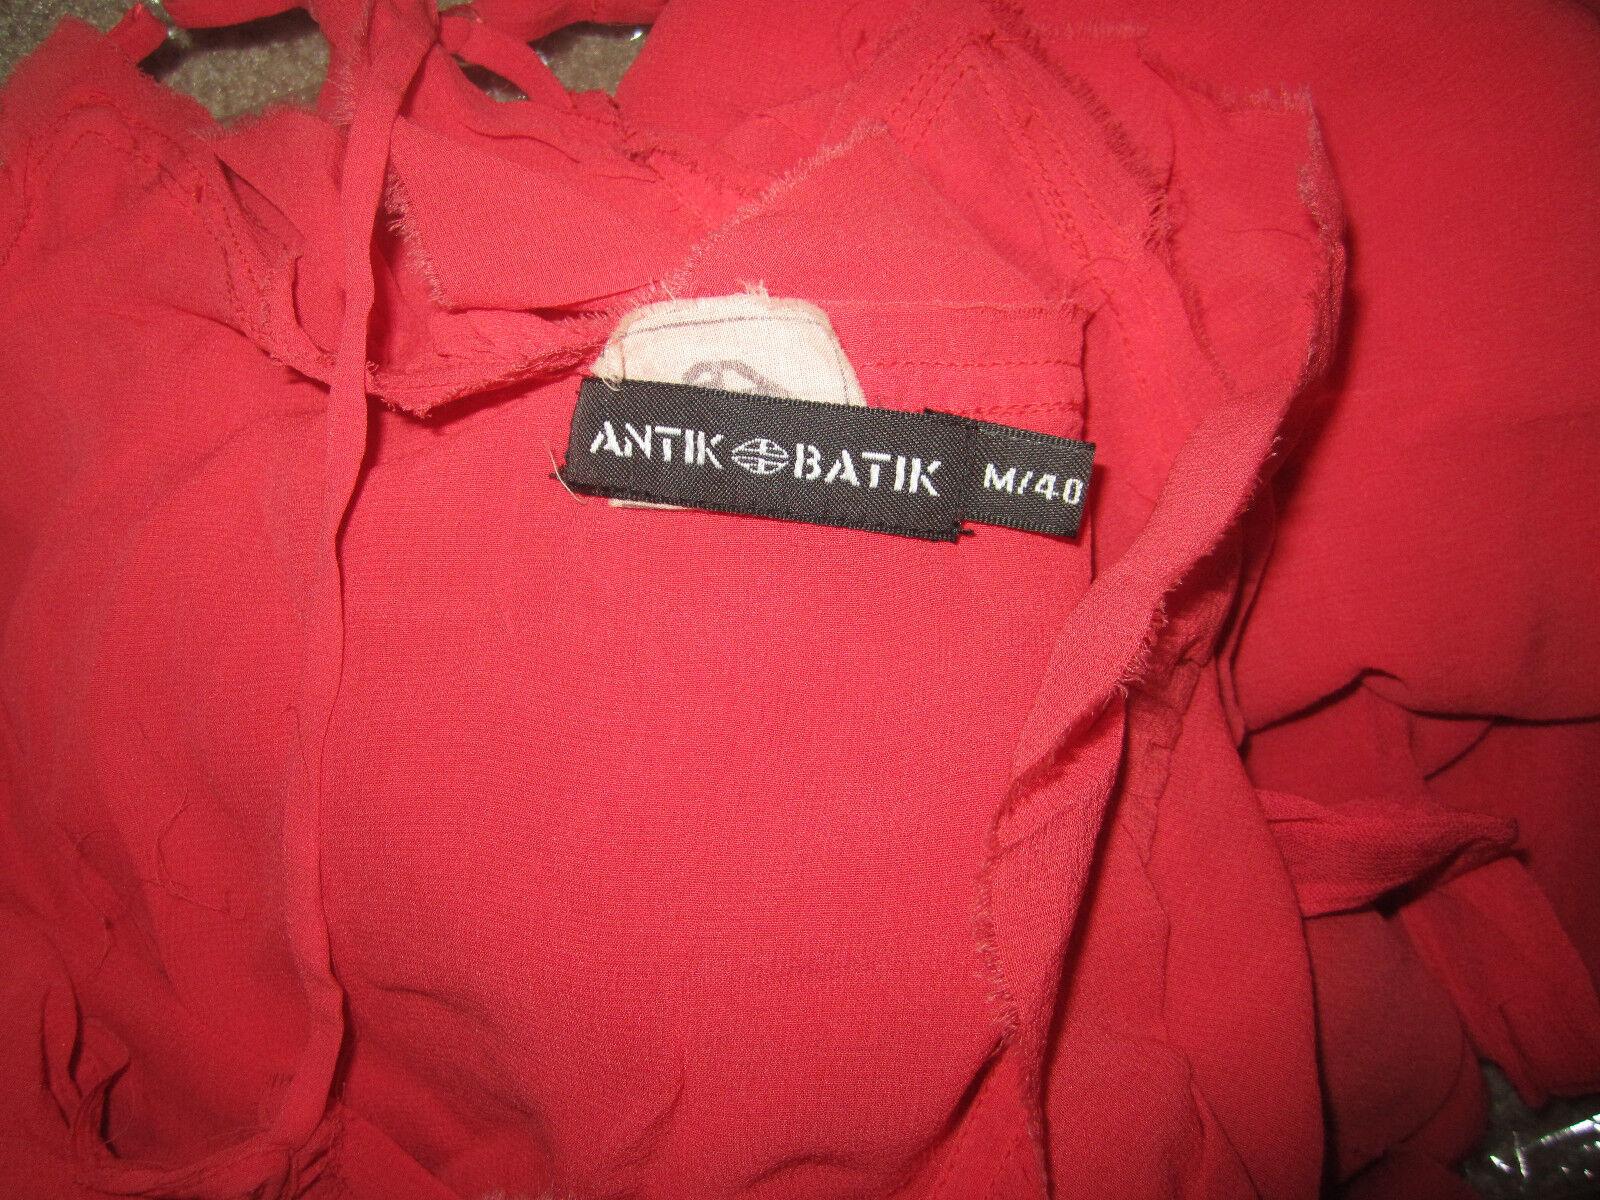 ANTIK BATIK BATIK BATIK CORAL SILK RUFFLE FAUX WRAP SUMMERY DRESS MEDIUM M 8ed414